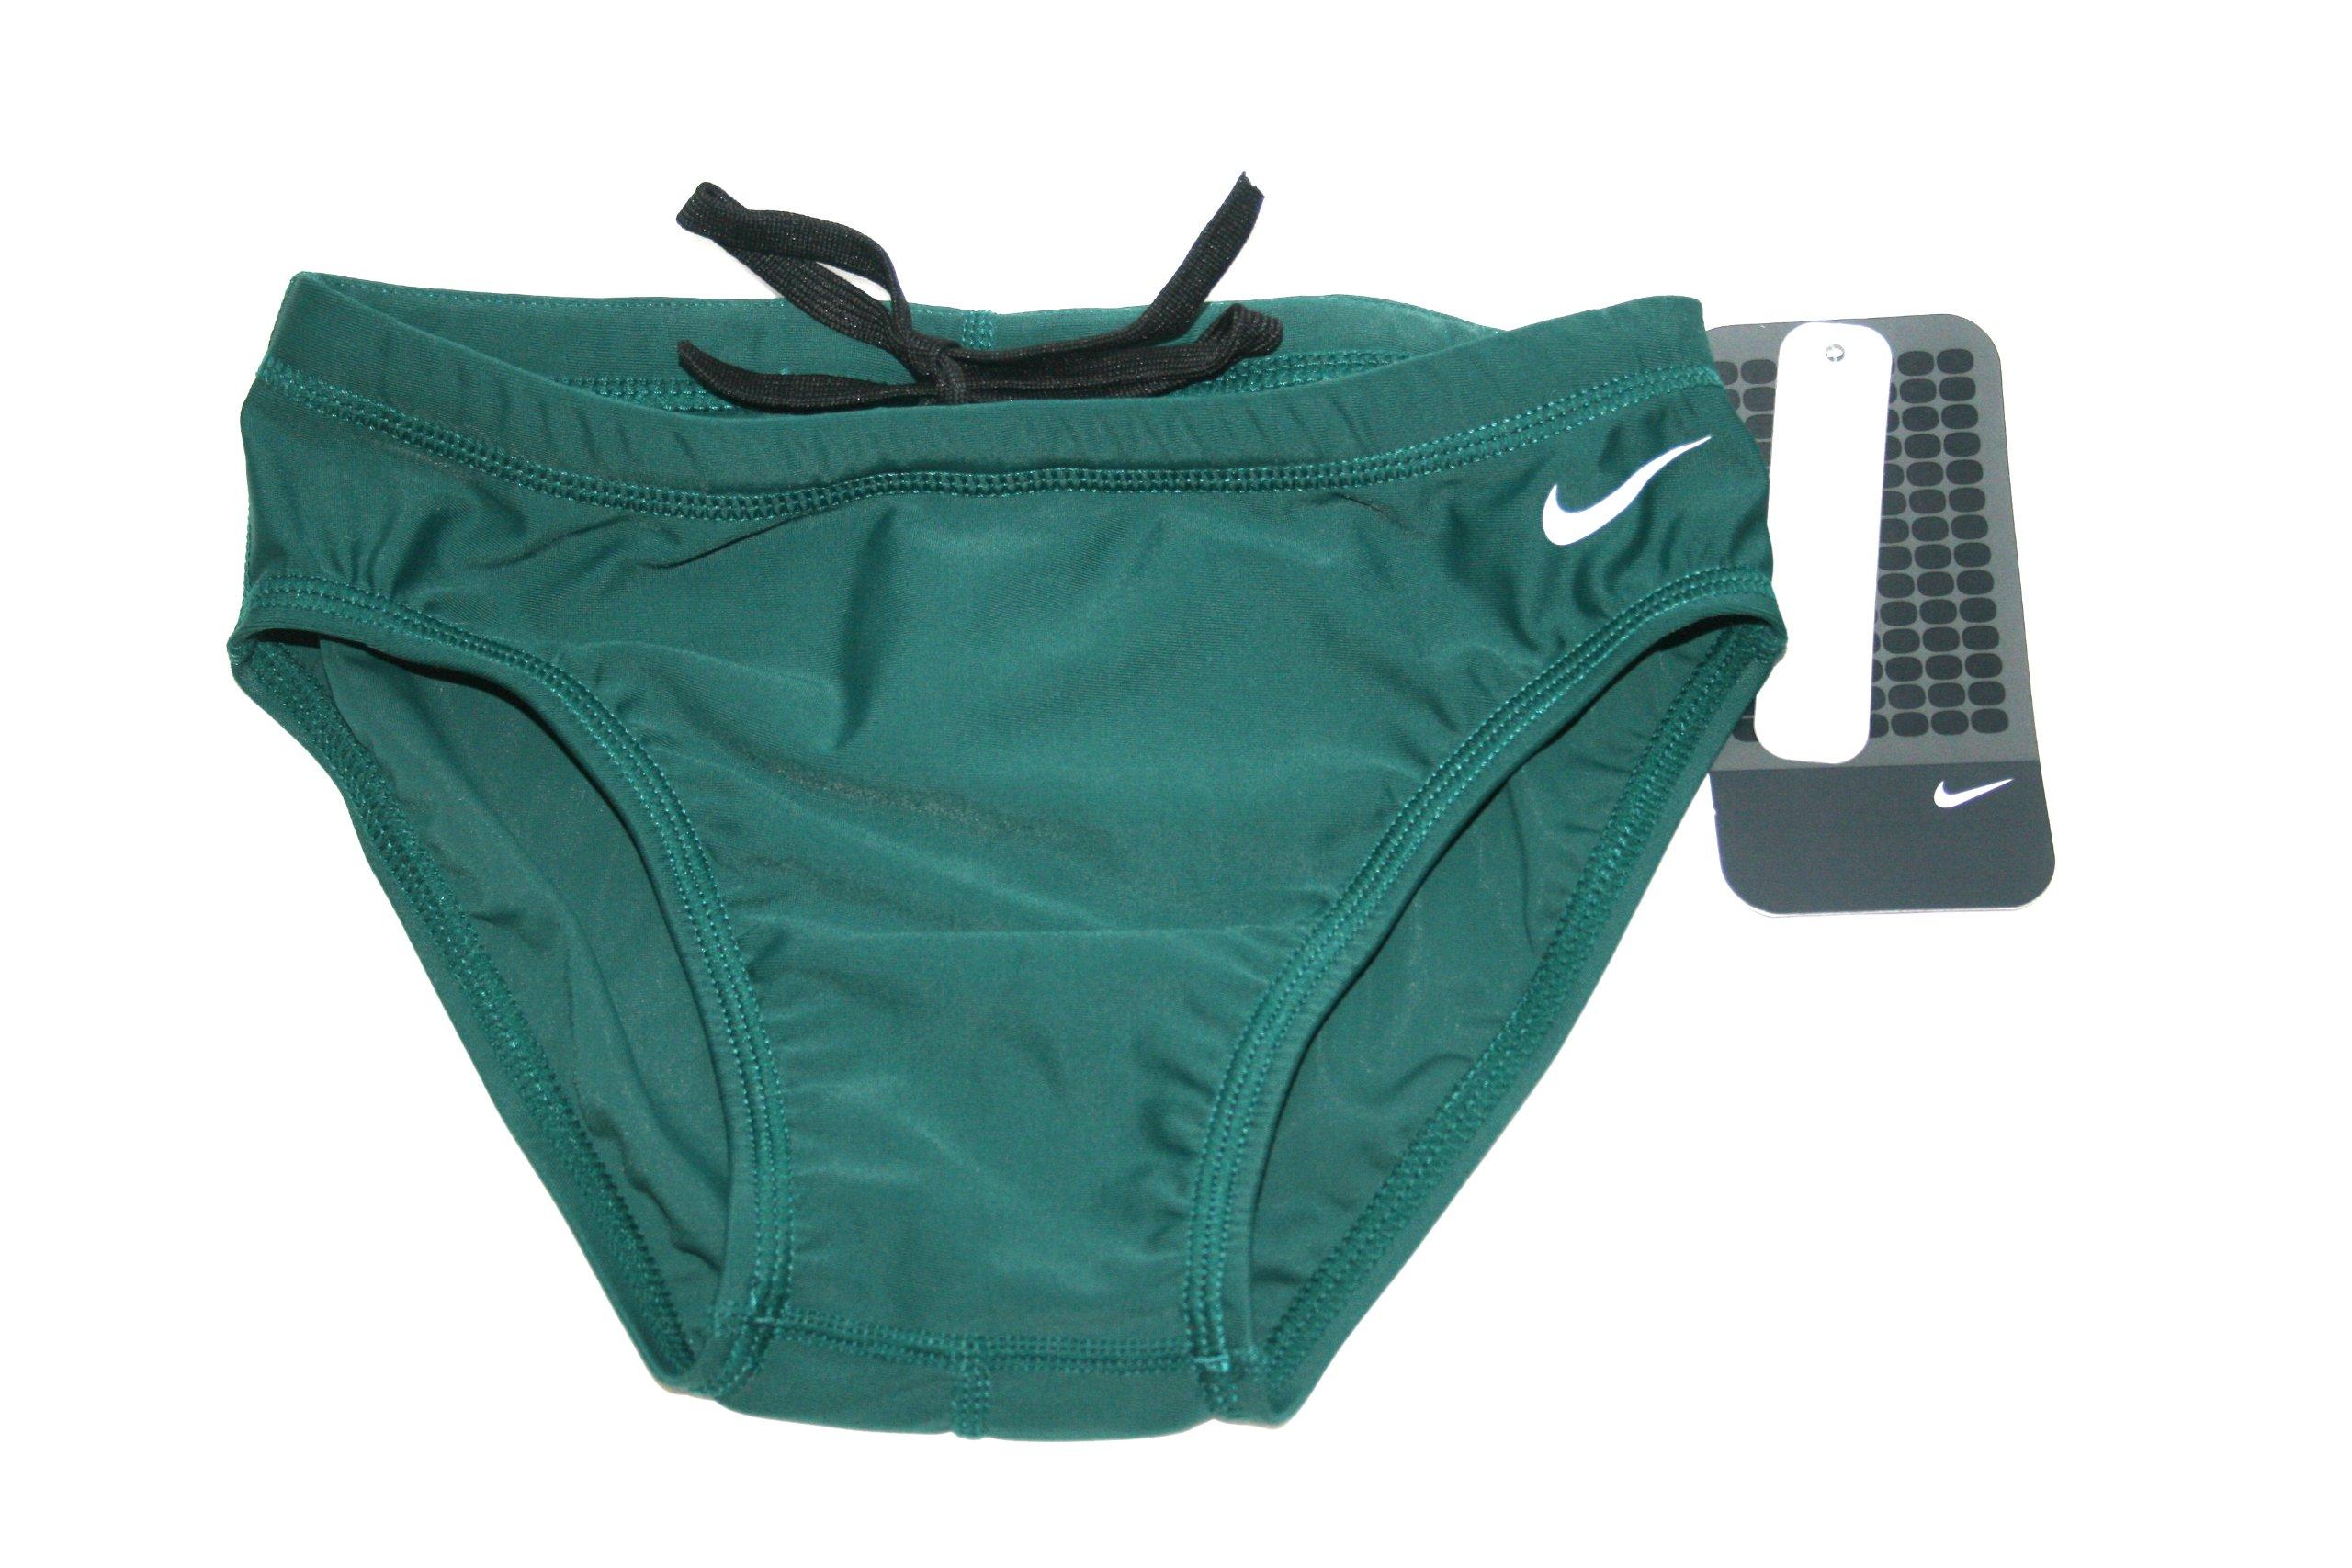 Nike swim briefs boys sz 24 style 93167-320 new chlorine resistant